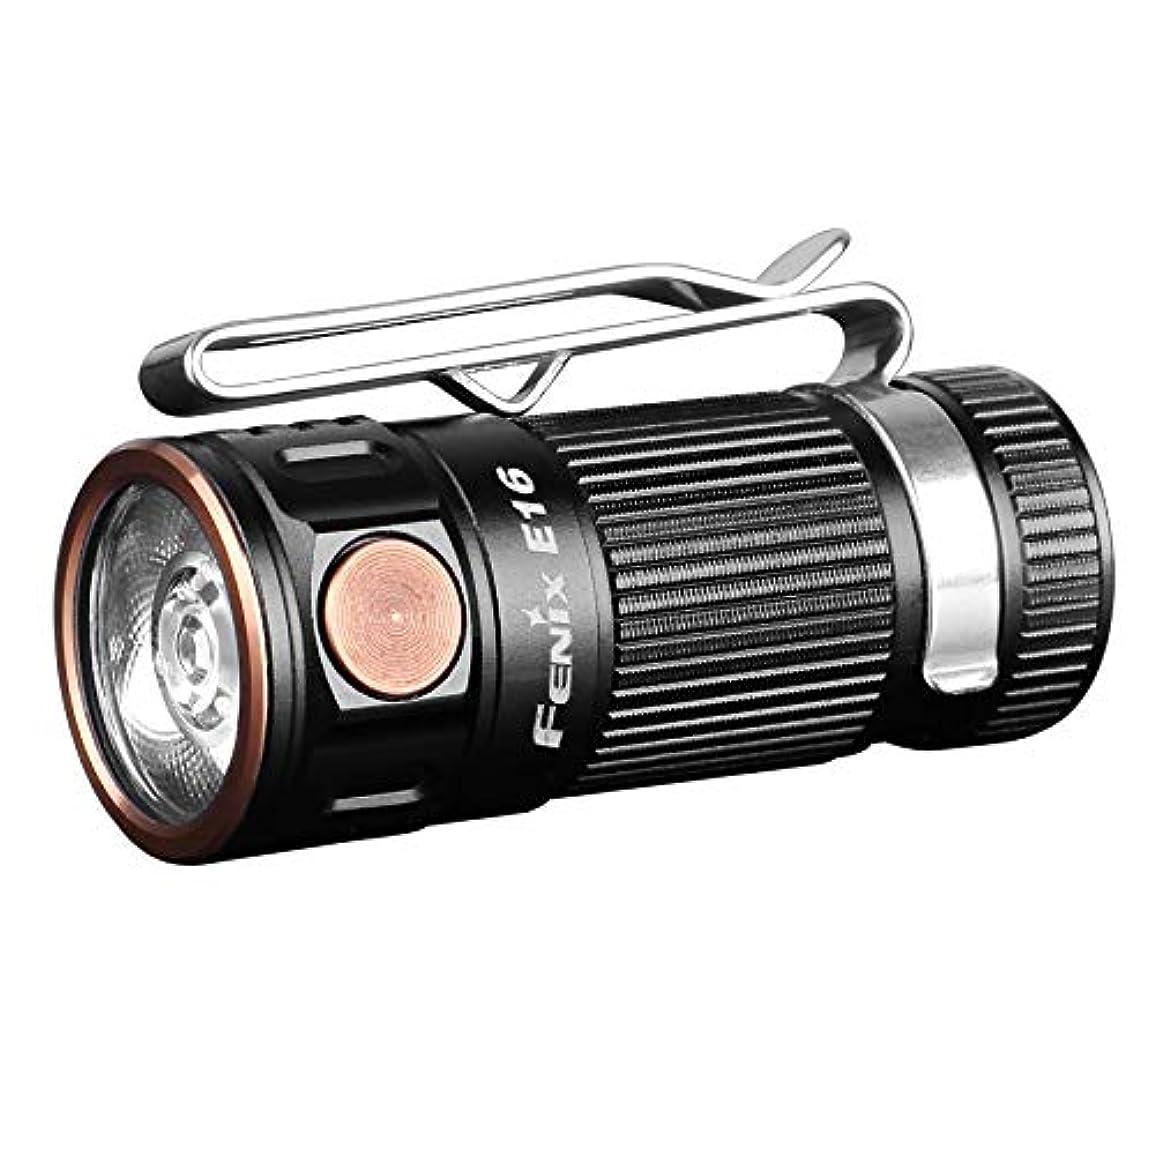 同意する対スクラップFENIX(フェニックス) E16 XP-L HI EDCフラッシュライト 明るさ最高700ルーメン E16